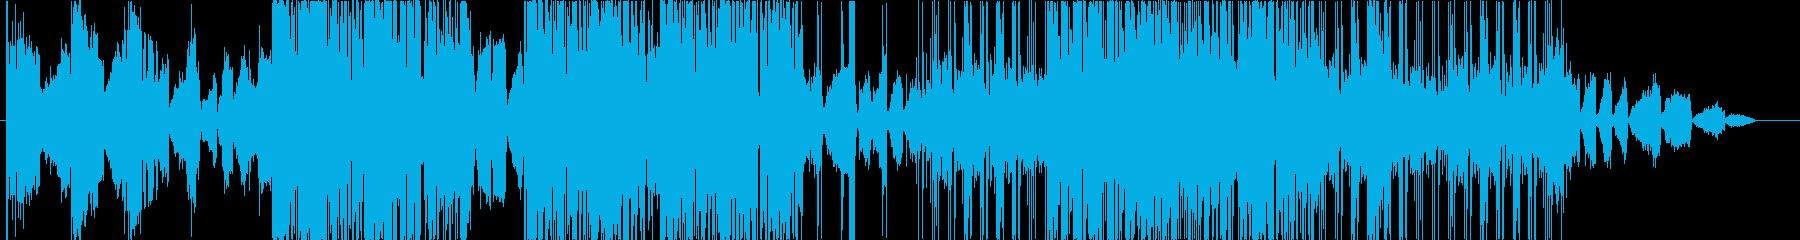 ディープな都会系サウンドのHIPHOPの再生済みの波形